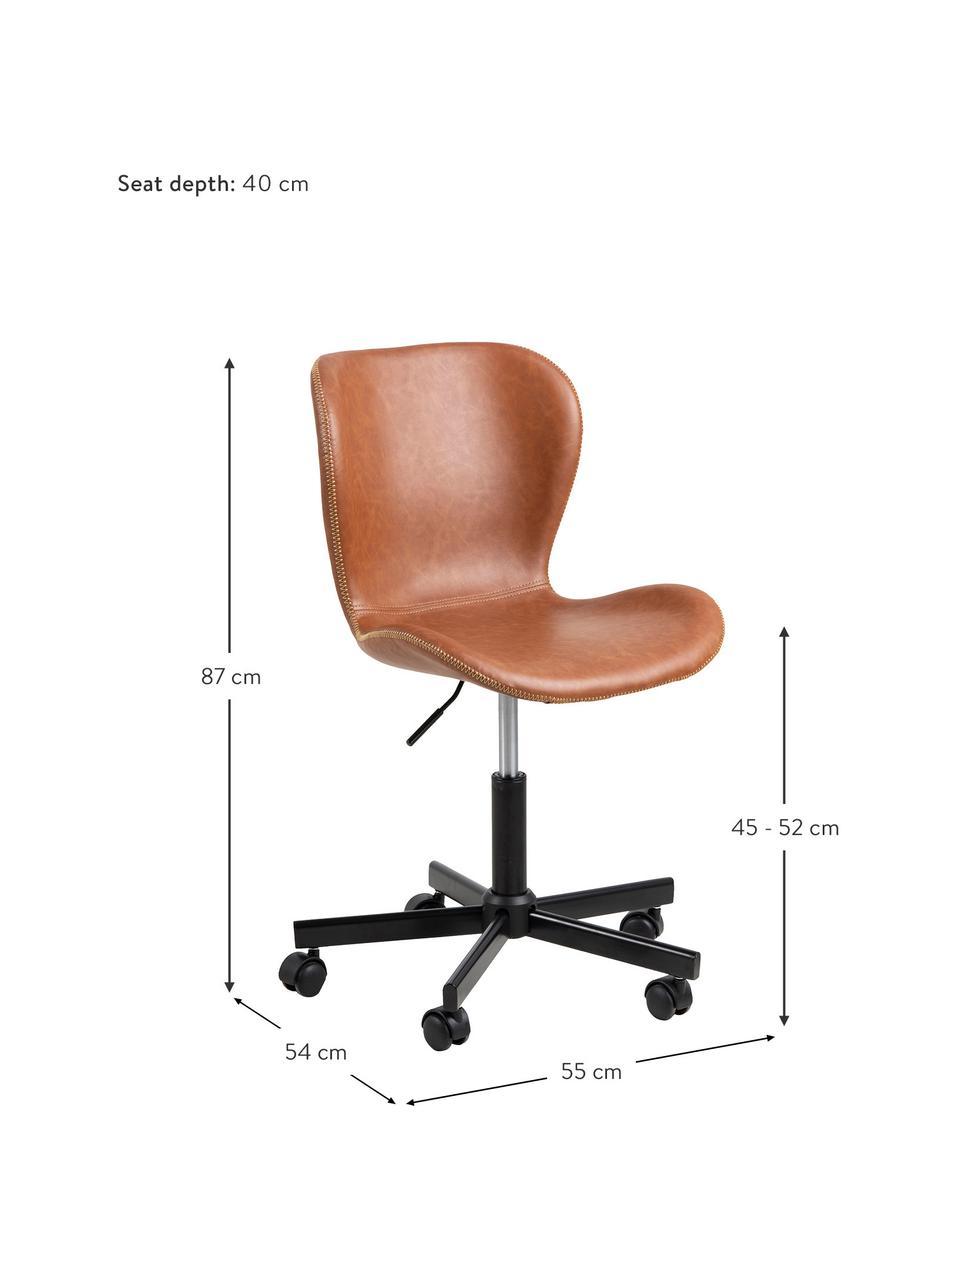 Krzesło biurowe ze sztucznej skóry Batilda, obrotowe, Tapicerka: sztuczna skóra, Nogi: metal malowany proszkowo, Koniakowy, S 55 x G 54 cm